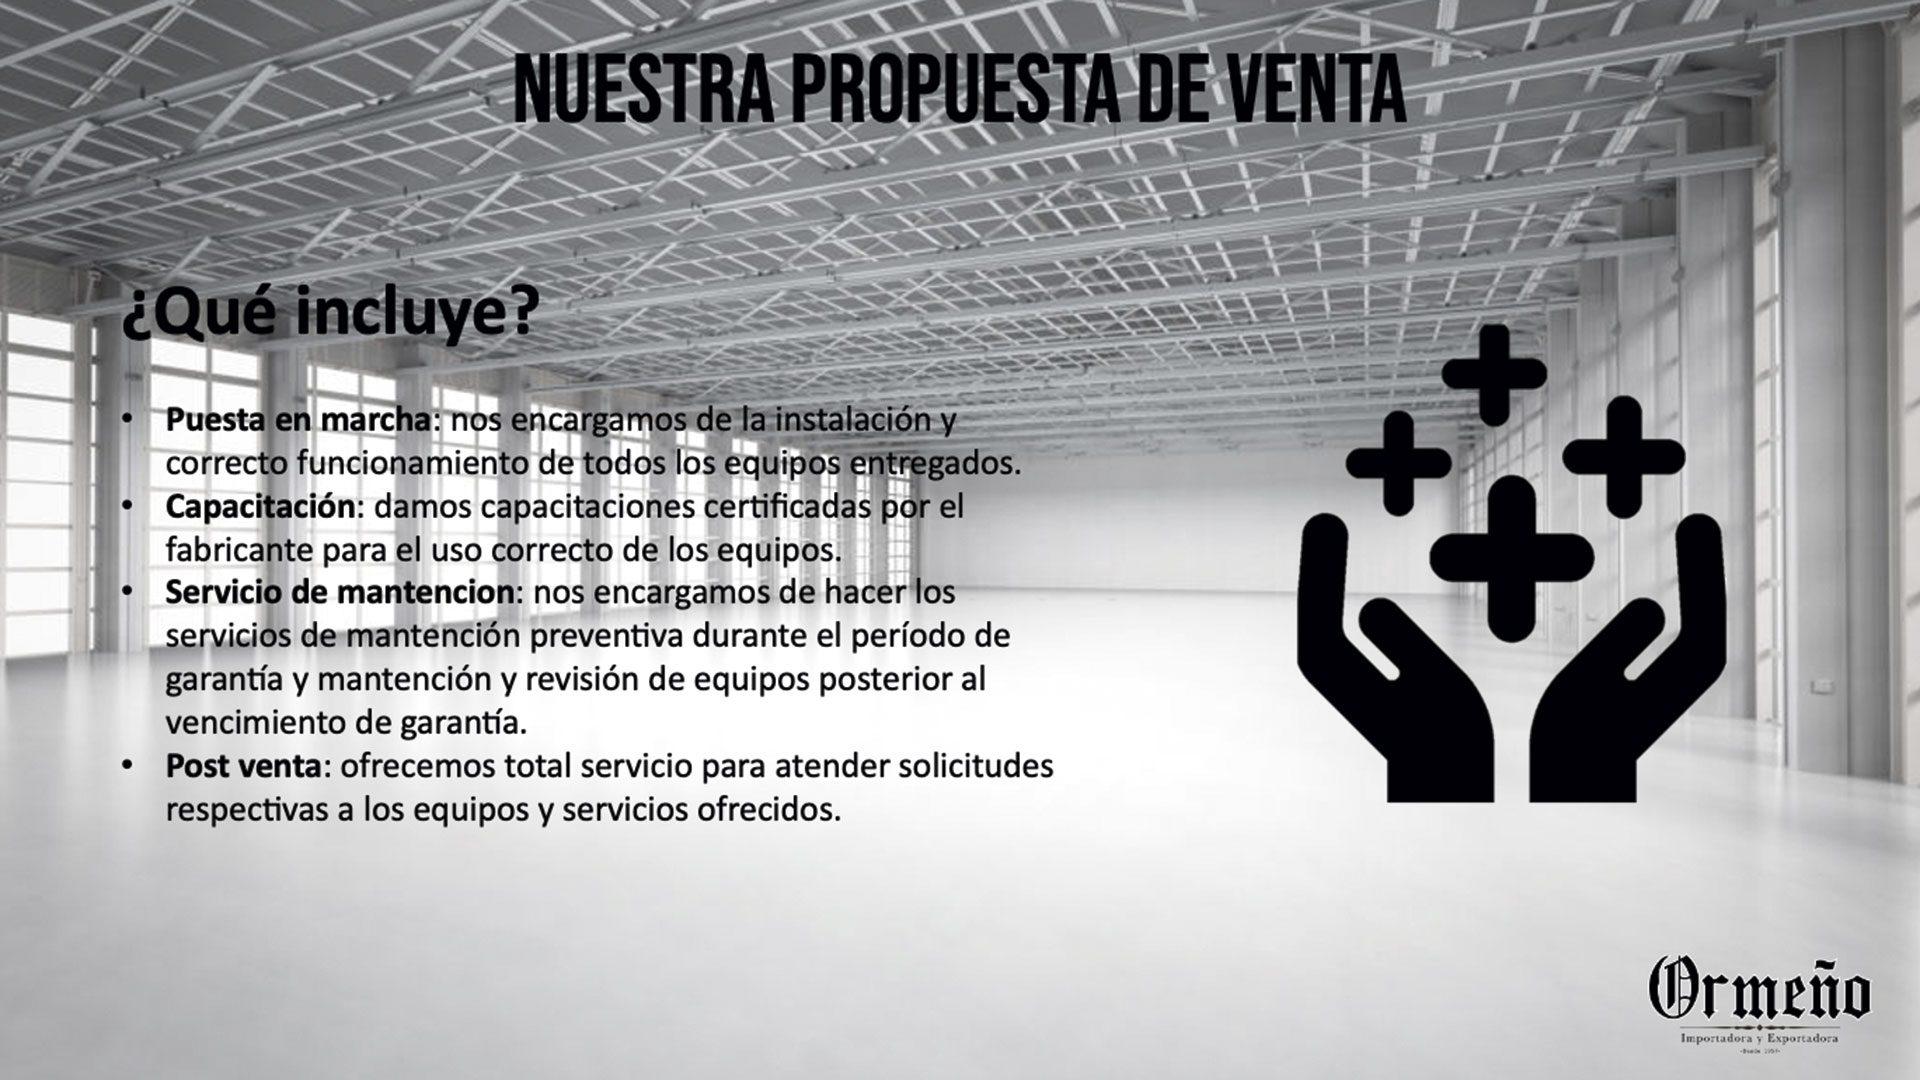 23-propuesta-venta